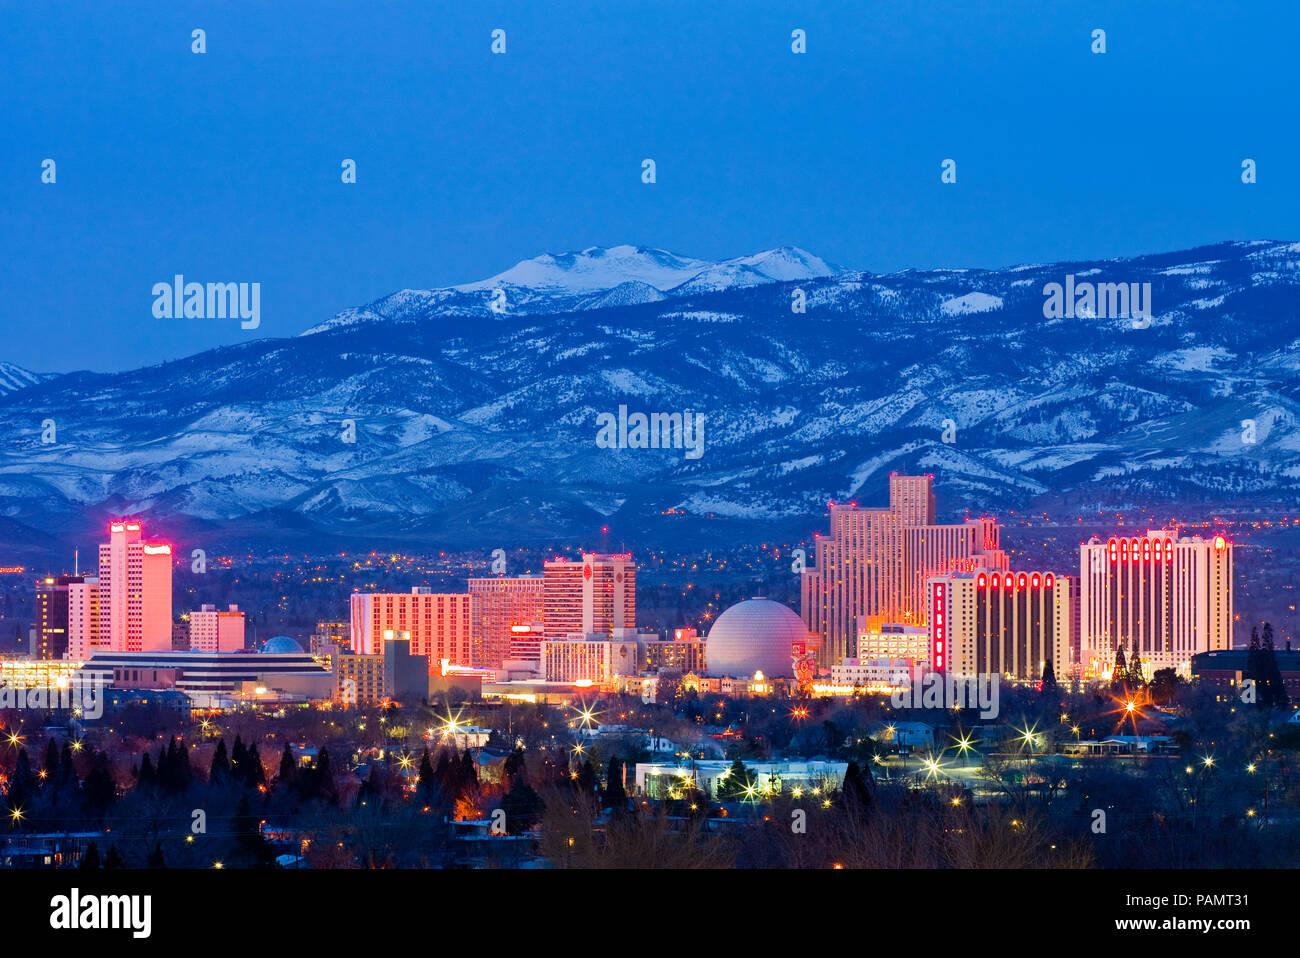 Reno skyline at night - Stock Image